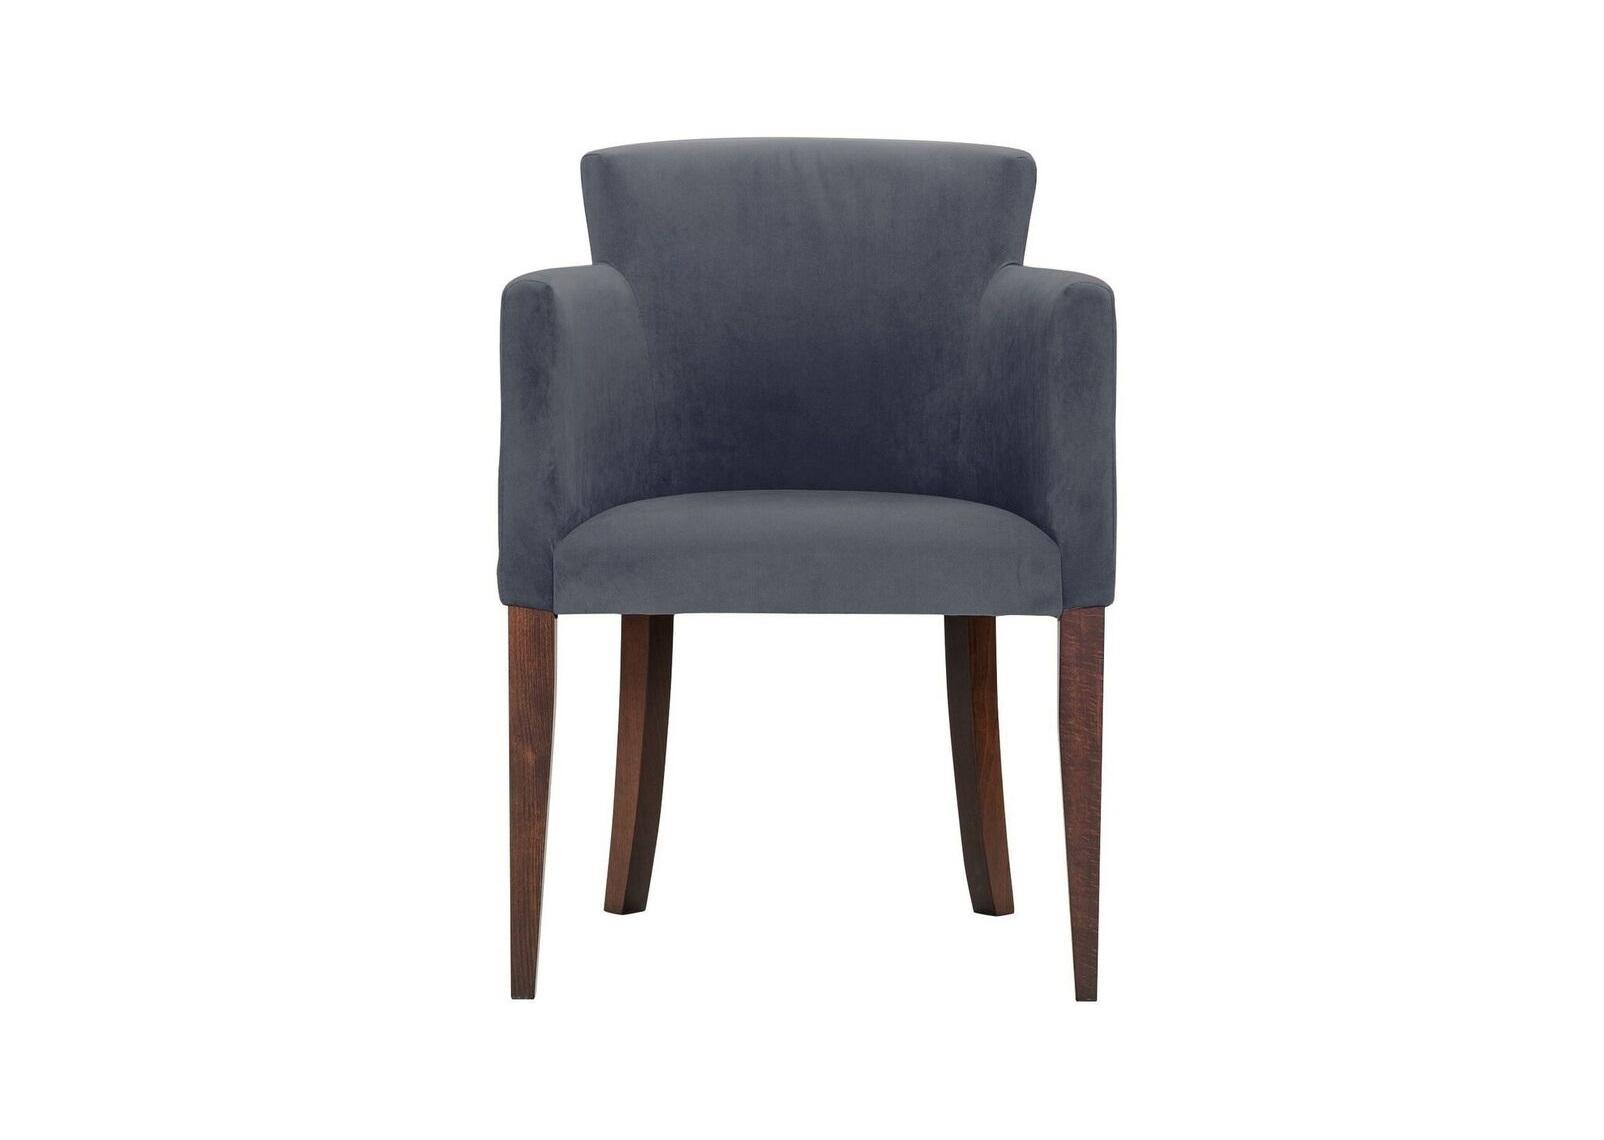 Кресло AronПолукресла<br>&amp;lt;div&amp;gt;&amp;lt;div&amp;gt;Универсальное кресло из экологичных материалов, которое подойдет для обстановки современных или классических интерьеров.&amp;lt;/div&amp;gt;&amp;lt;div&amp;gt;&amp;lt;br&amp;gt;&amp;lt;/div&amp;gt;&amp;lt;div&amp;gt;Высота до сидения: 46 см.&amp;lt;/div&amp;gt;&amp;lt;/div&amp;gt;&amp;lt;div&amp;gt;&amp;lt;div style=&amp;quot;font-size: 14px;&amp;quot;&amp;gt;&amp;lt;/div&amp;gt;&amp;lt;/div&amp;gt;<br><br>Material: Текстиль<br>Ширина см: 56<br>Высота см: 81<br>Глубина см: 58